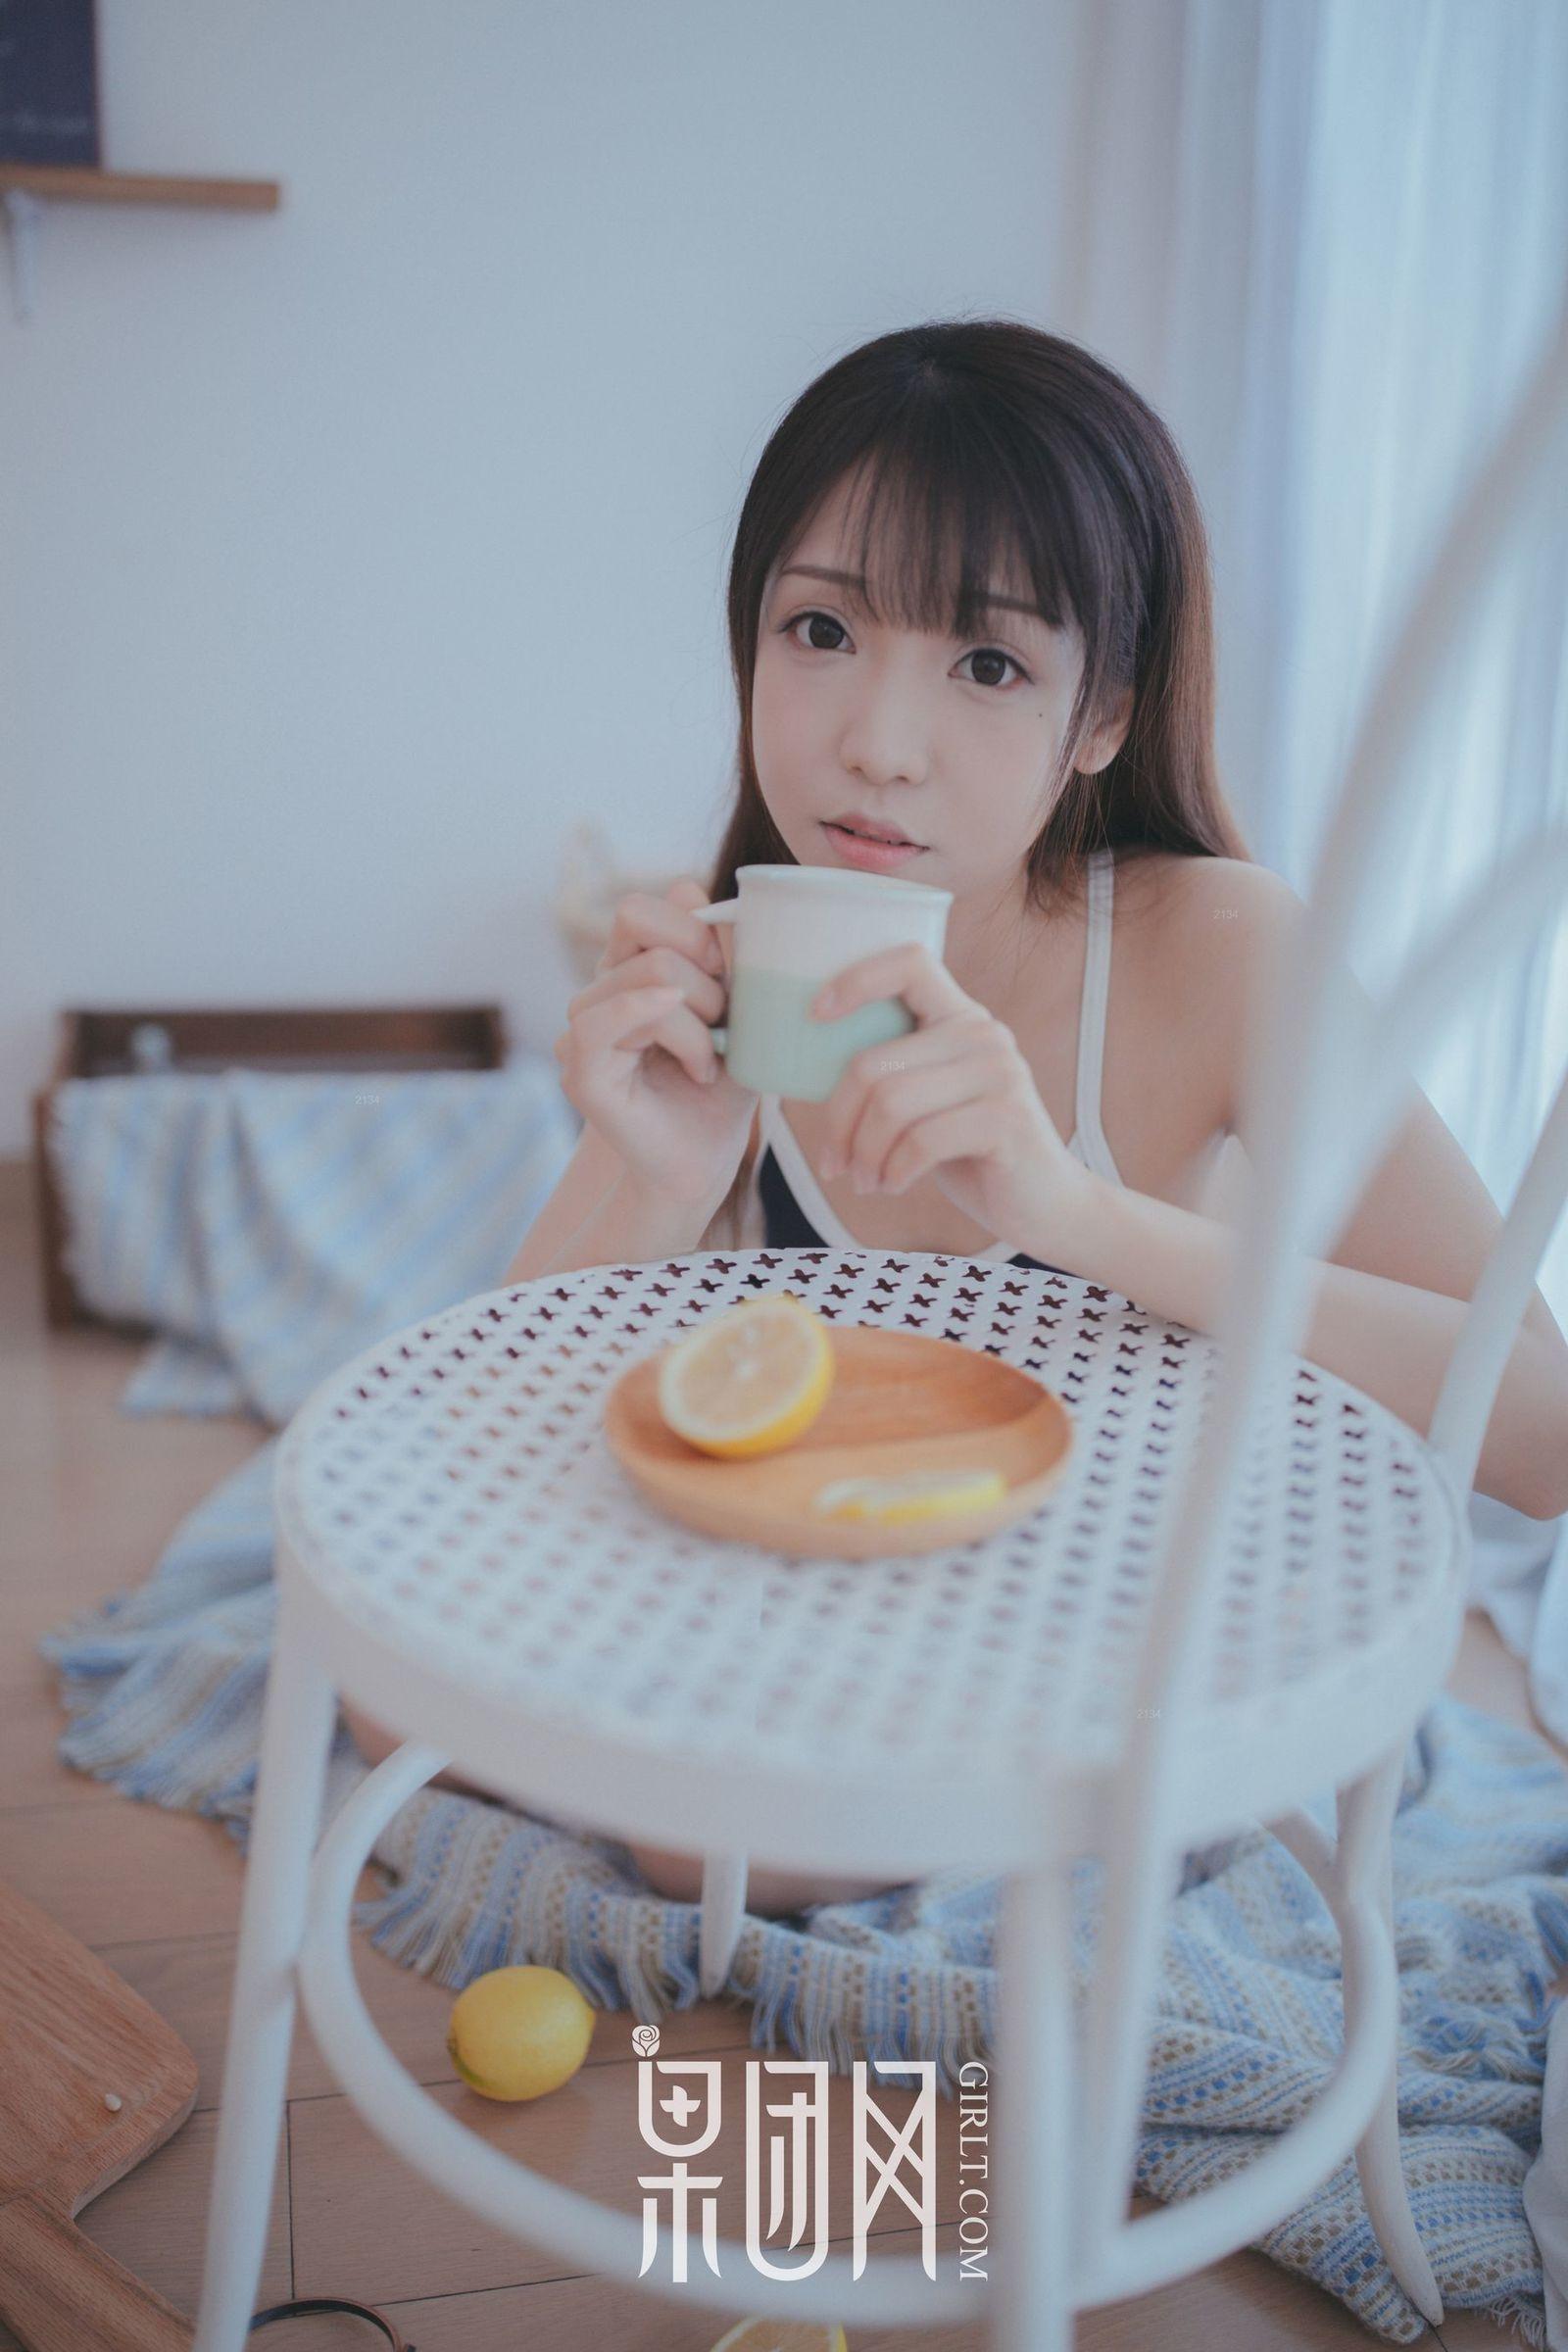 邻家小妹陪你吃早餐2!